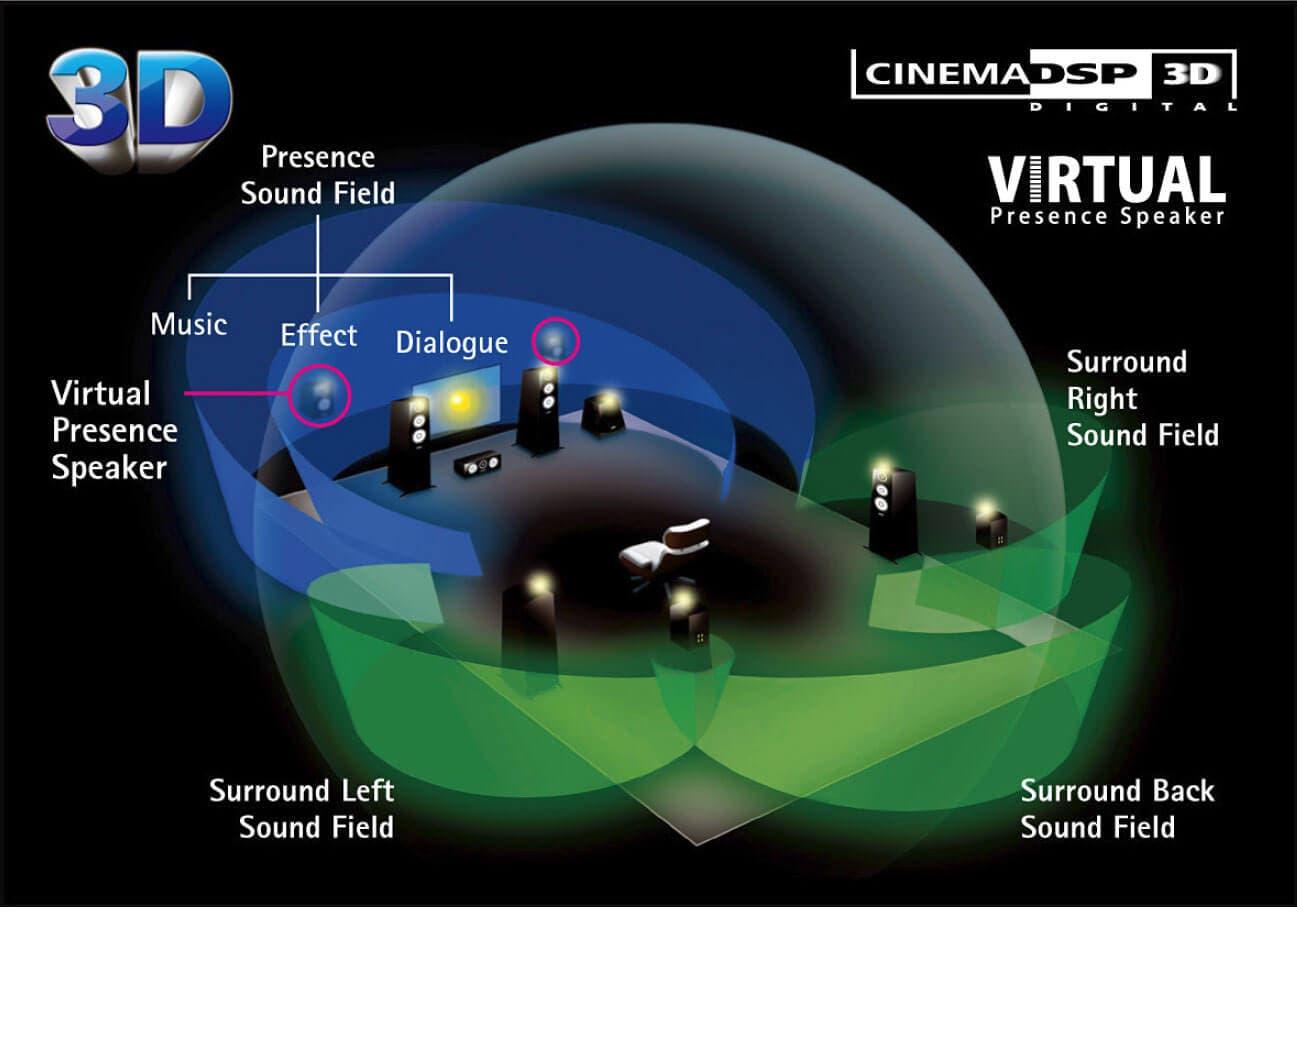 Virtual Presence Speakers